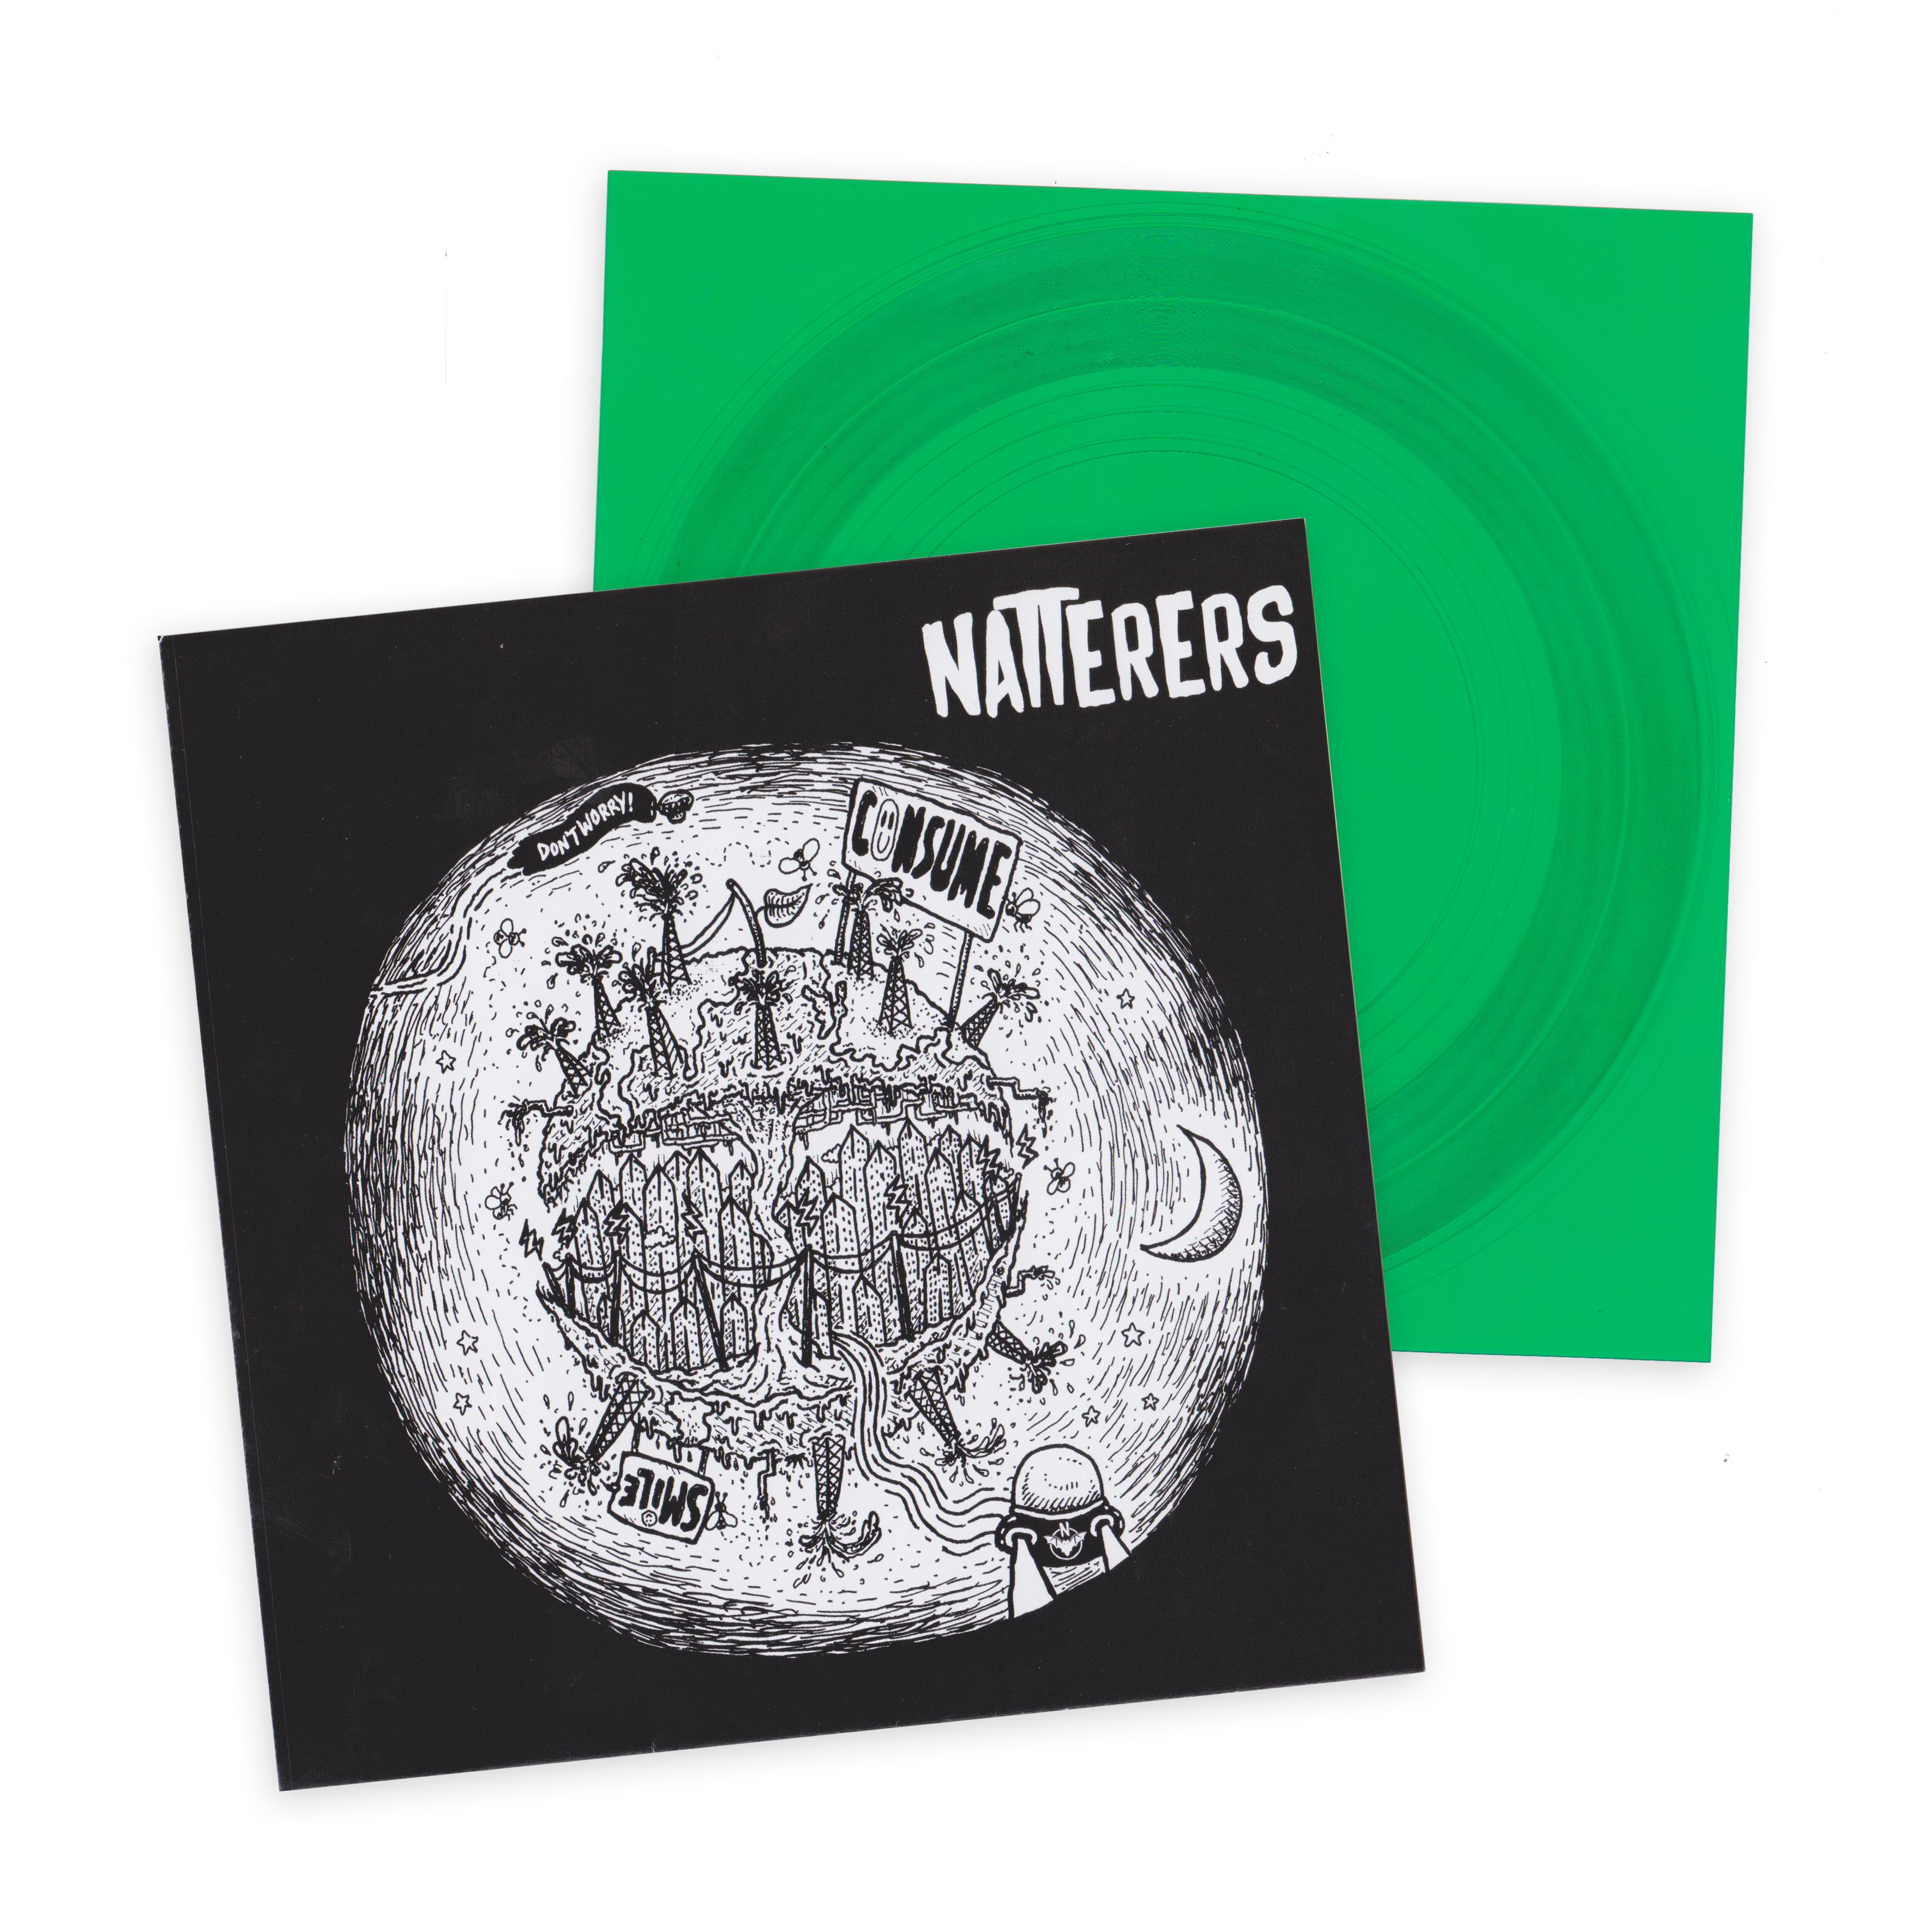 Natterers - Flexi 7